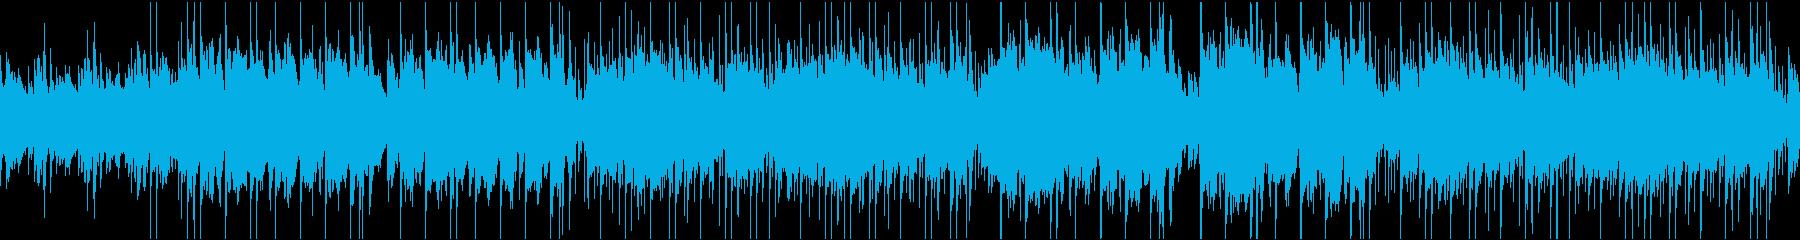 さわやかバイオリン/ループ/イントロ9秒の再生済みの波形